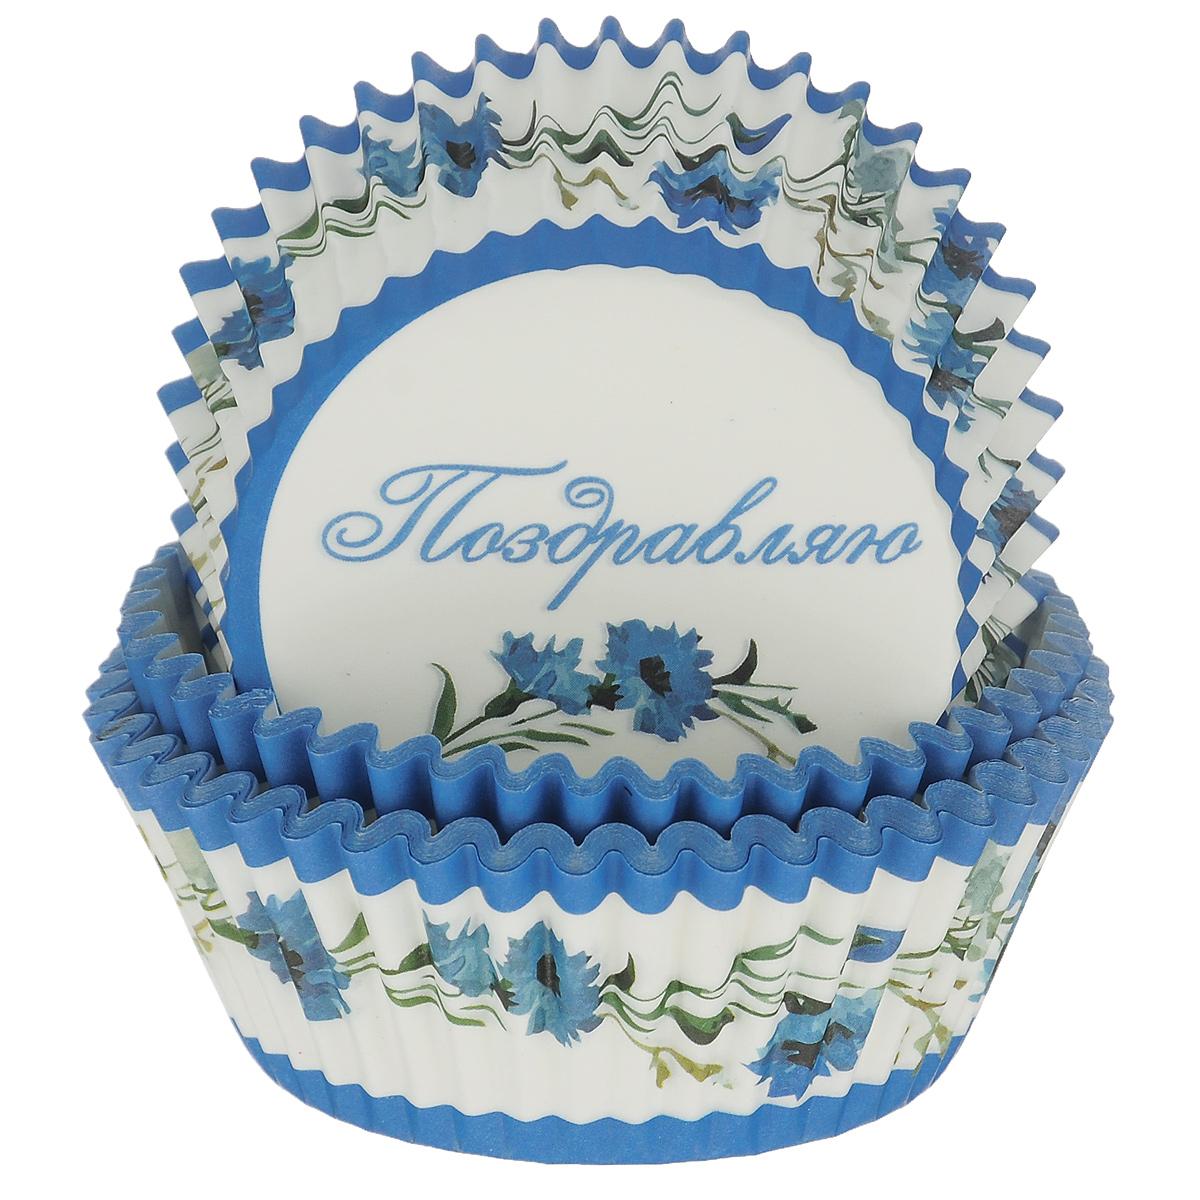 Набор бумажных форм для кексов Dolce Arti Васильки, цвет: синий, белый, диаметр дна 5 см, 50 штDA080215Набор Dolce Arti Васильки состоит из 50 бумажных форм для кексов, оформленных изображением васильков. Дно форм оформлено надписью Поздравляю.Они предназначены для выпечки и упаковки кондитерских изделий, также могут использоваться для сервировки орешков, конфет и много другого. Для одноразового применения. Гофрированные бумажные формы идеальны для выпечки кексов, булочек и пирожных.Высота стенки: 3 см. Диаметр по верхнему краю: 7 см.Диаметре дна: 5 см.